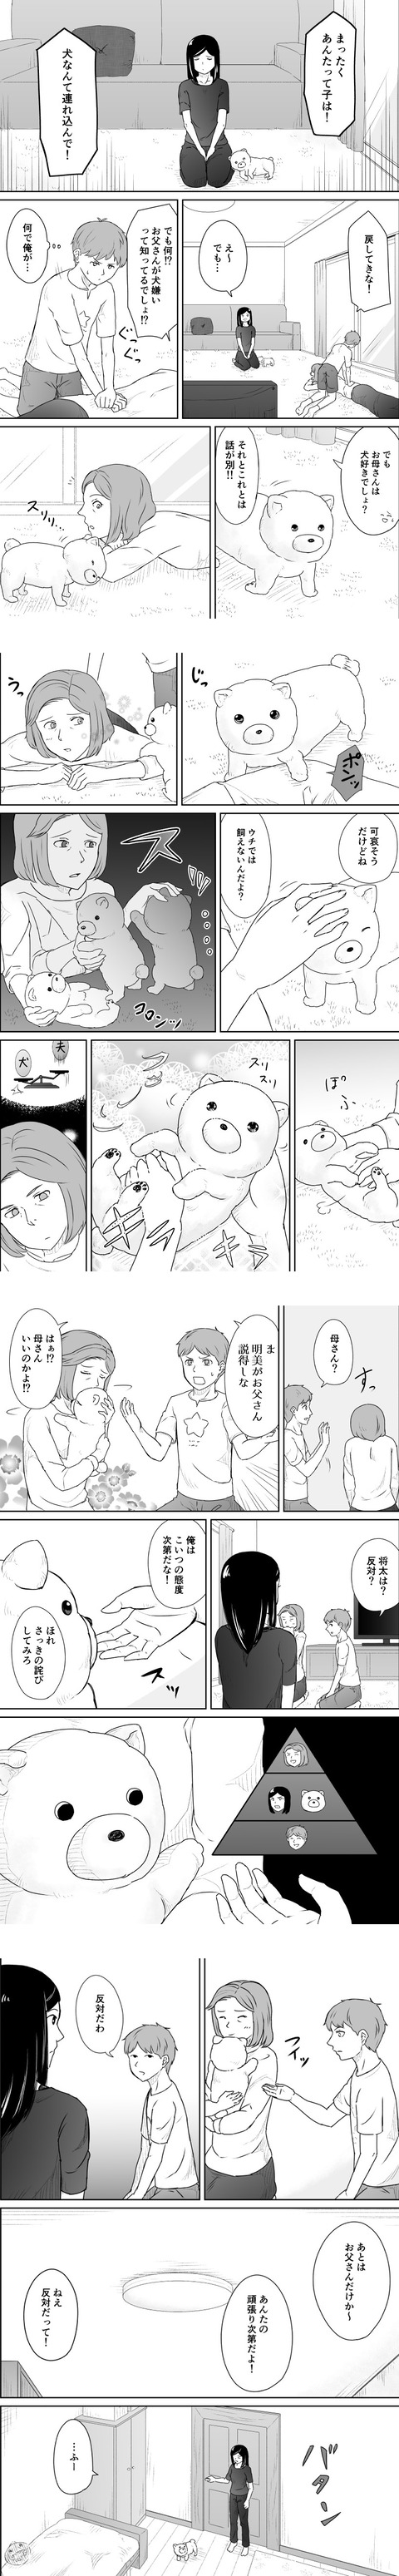 犬を拾う話_013-vert